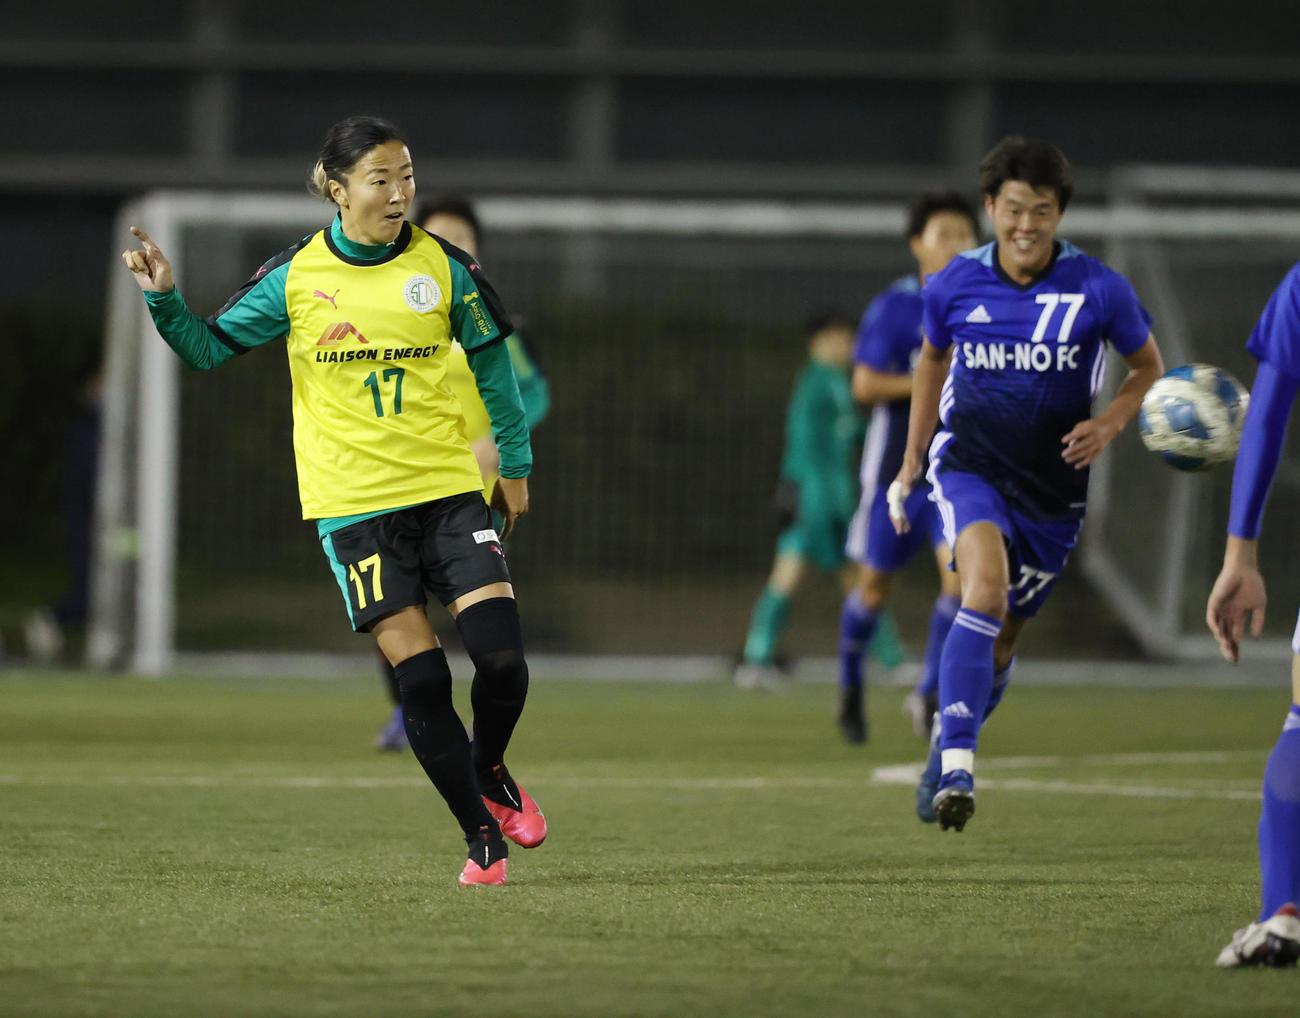 はやぶさイレブン対山王FC 後半途中出場したはやぶさイレブンFW永里(左)は前線にゴールの起点となるパスを出す(撮影・垰建太)